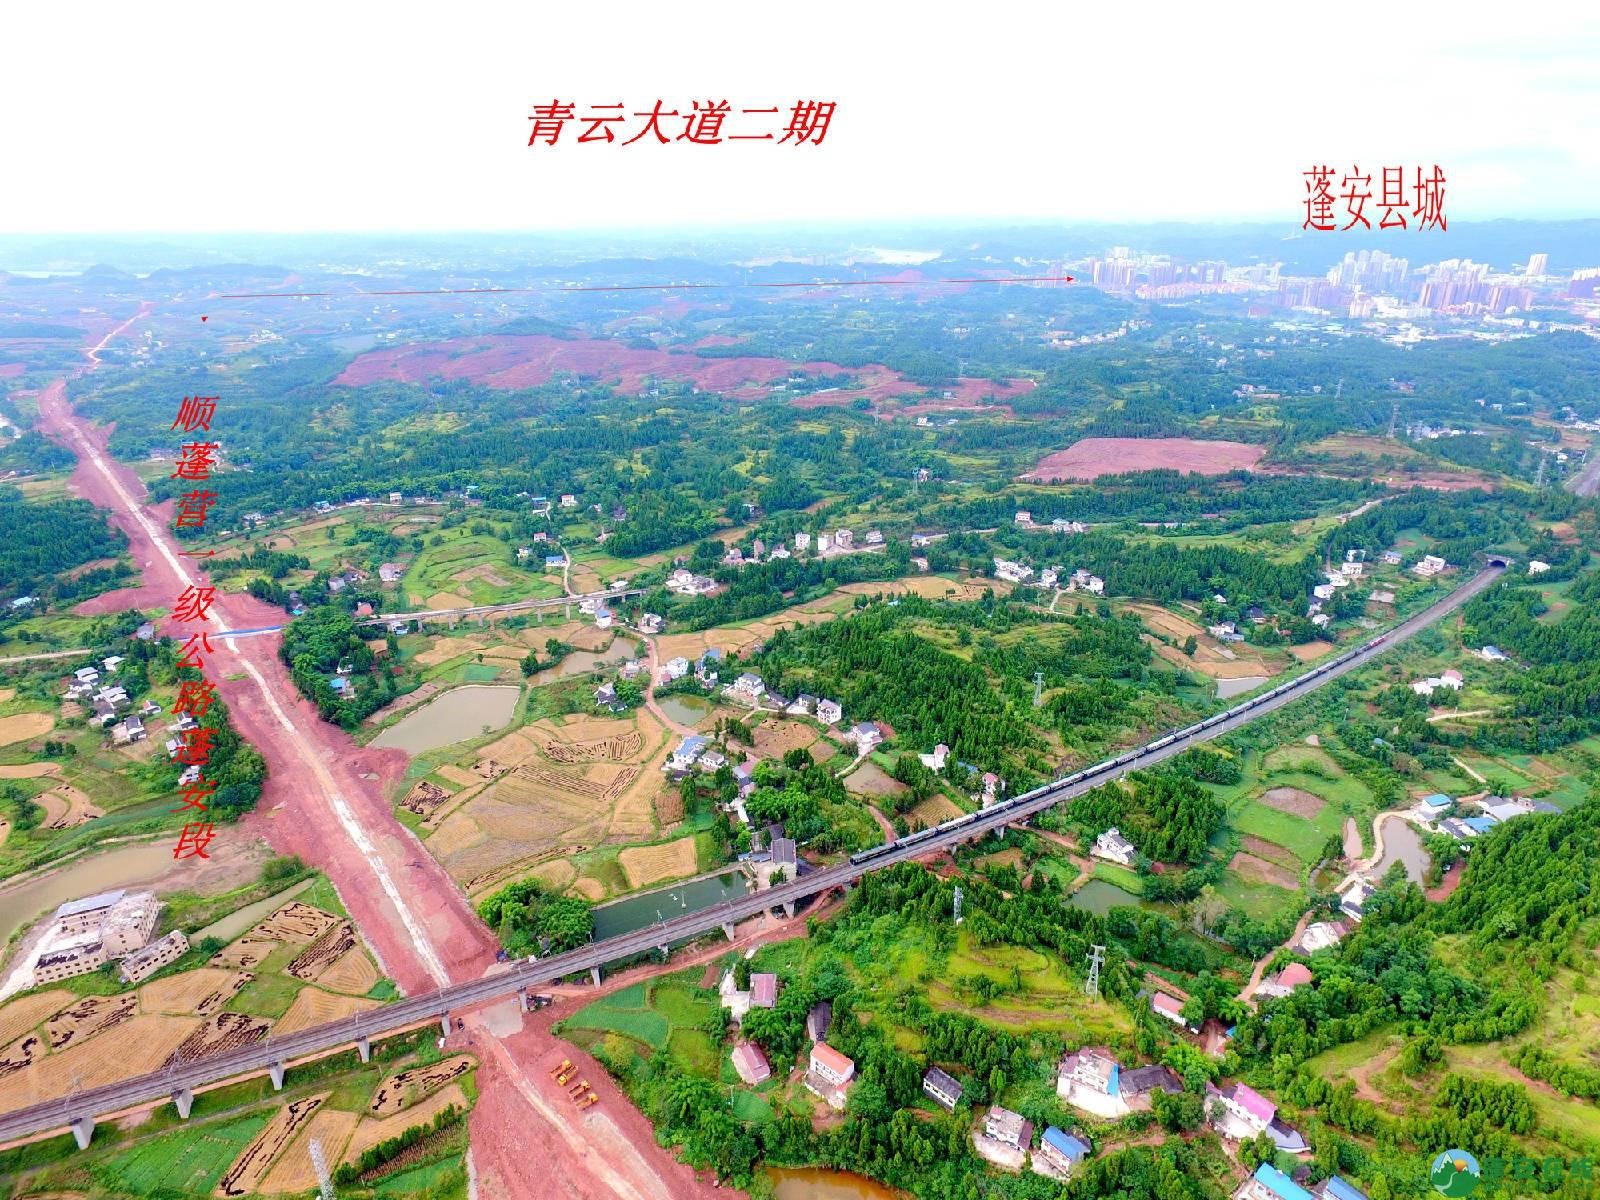 顺蓬营一级公路蓬安段、青云大道二期道路最新进展(2019.8.29) - 第5张  | 蓬安在线